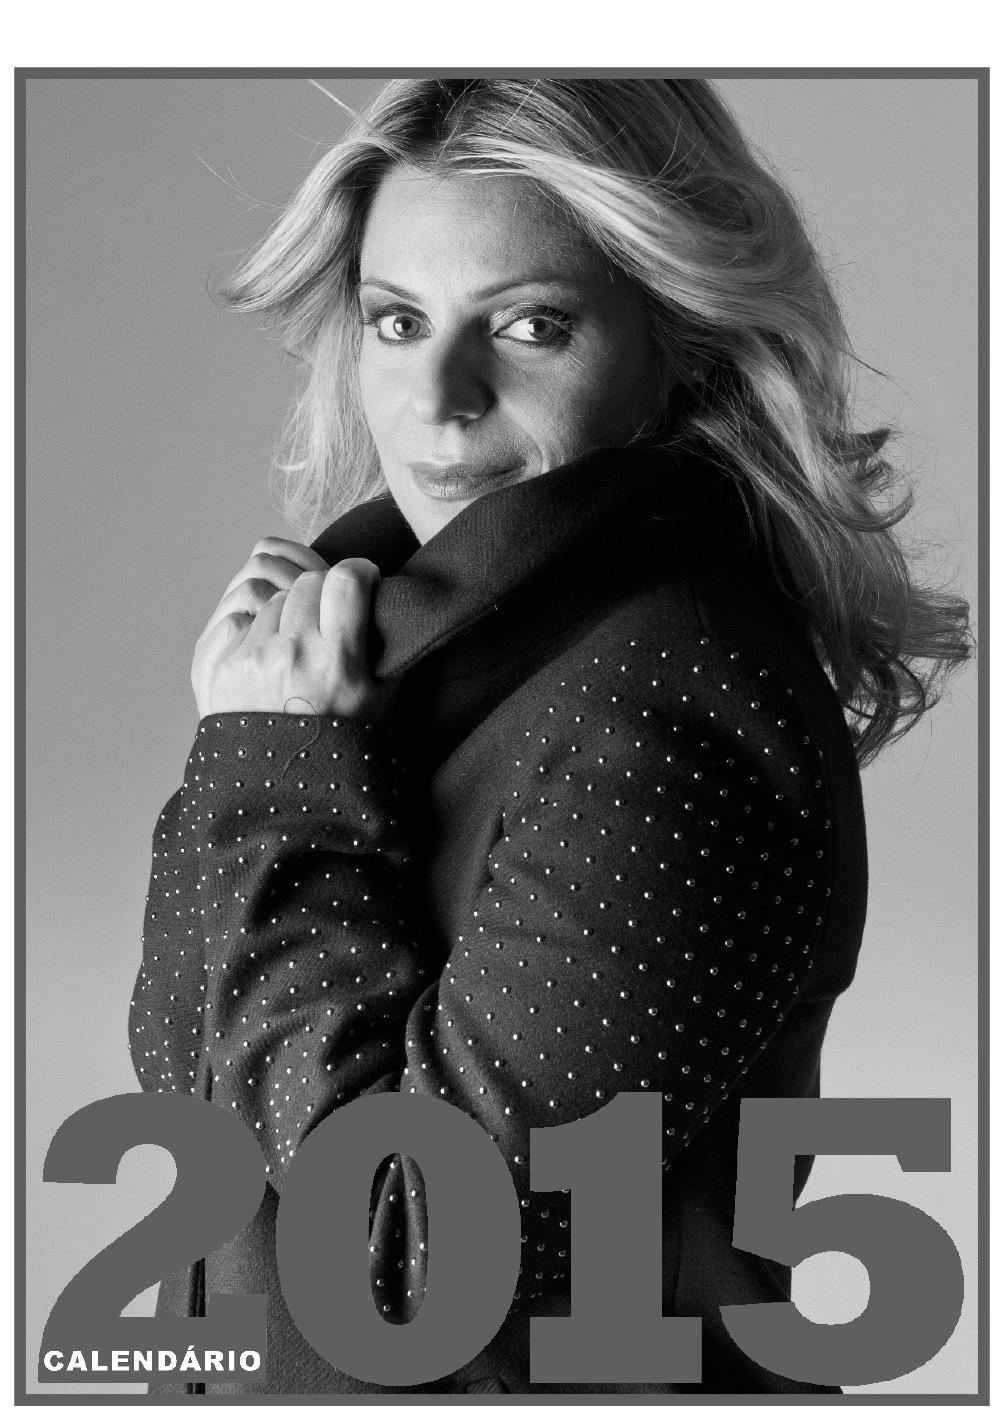 calendario-de-fotos-mulher-fotografo